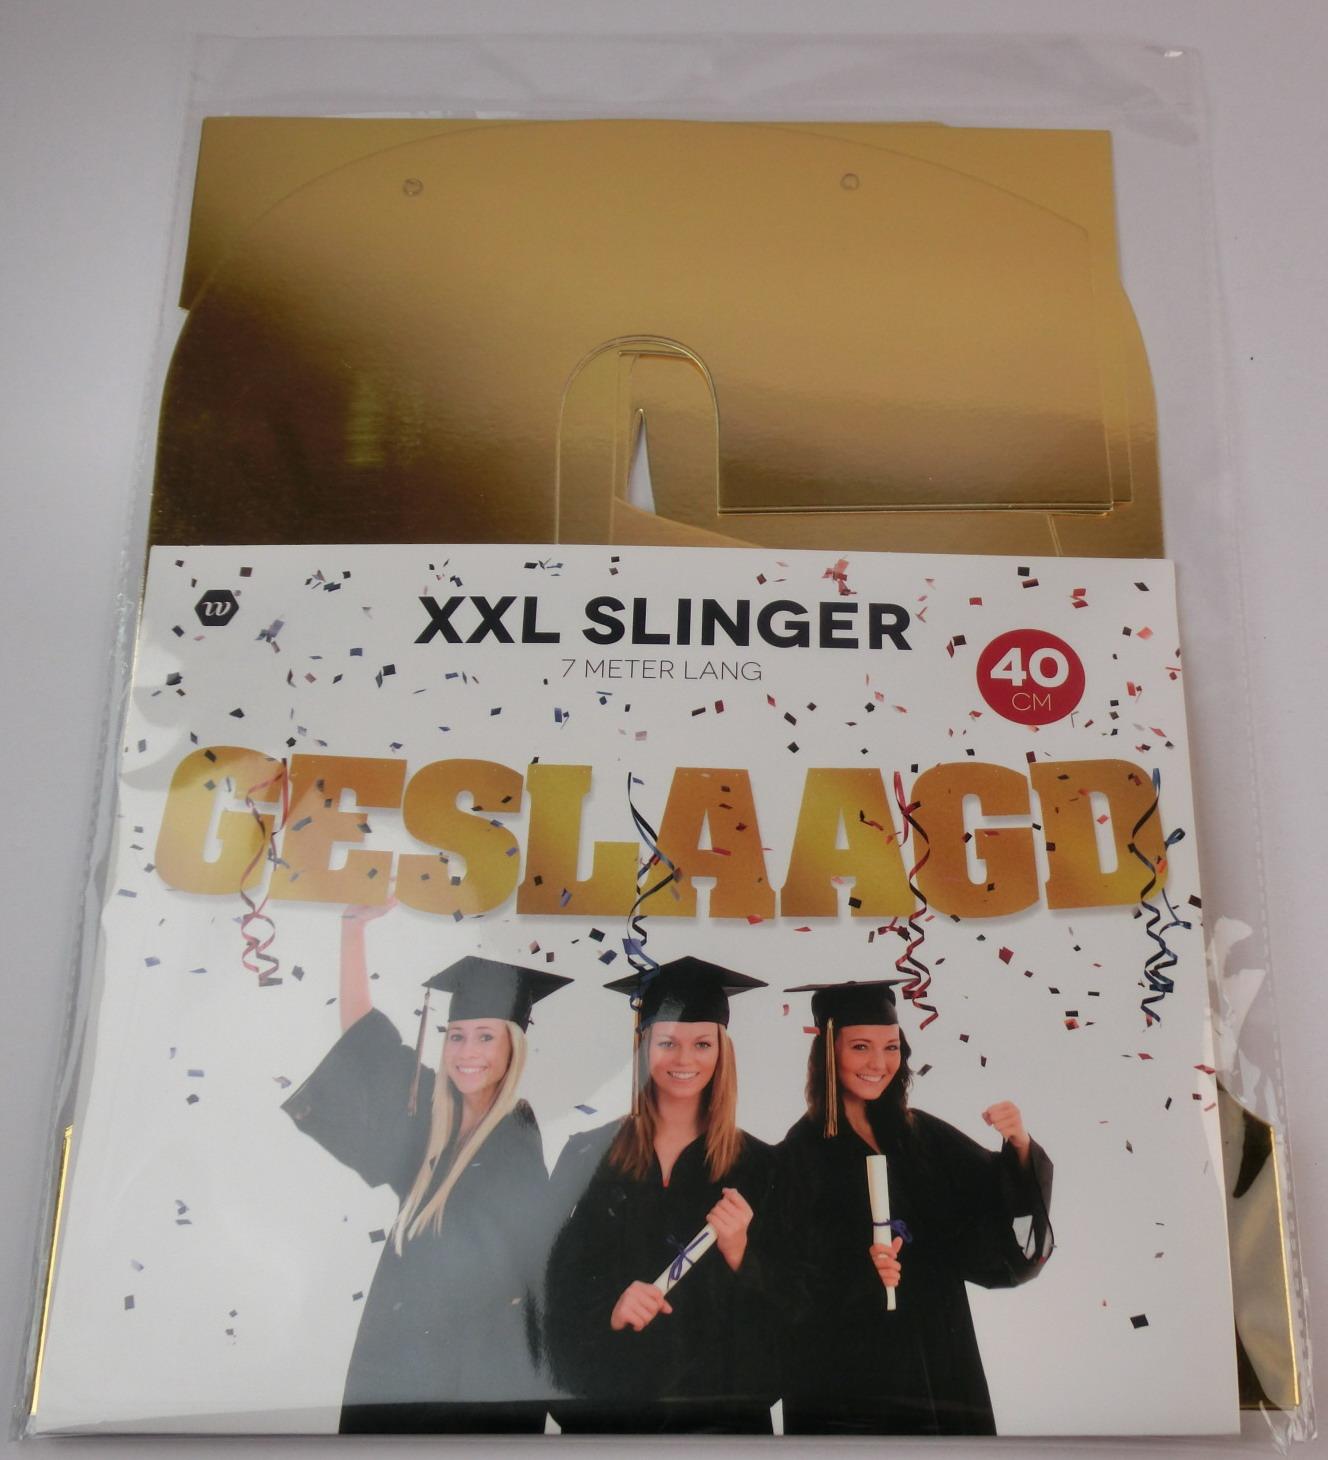 Slinger geslaagd XXL 40cm